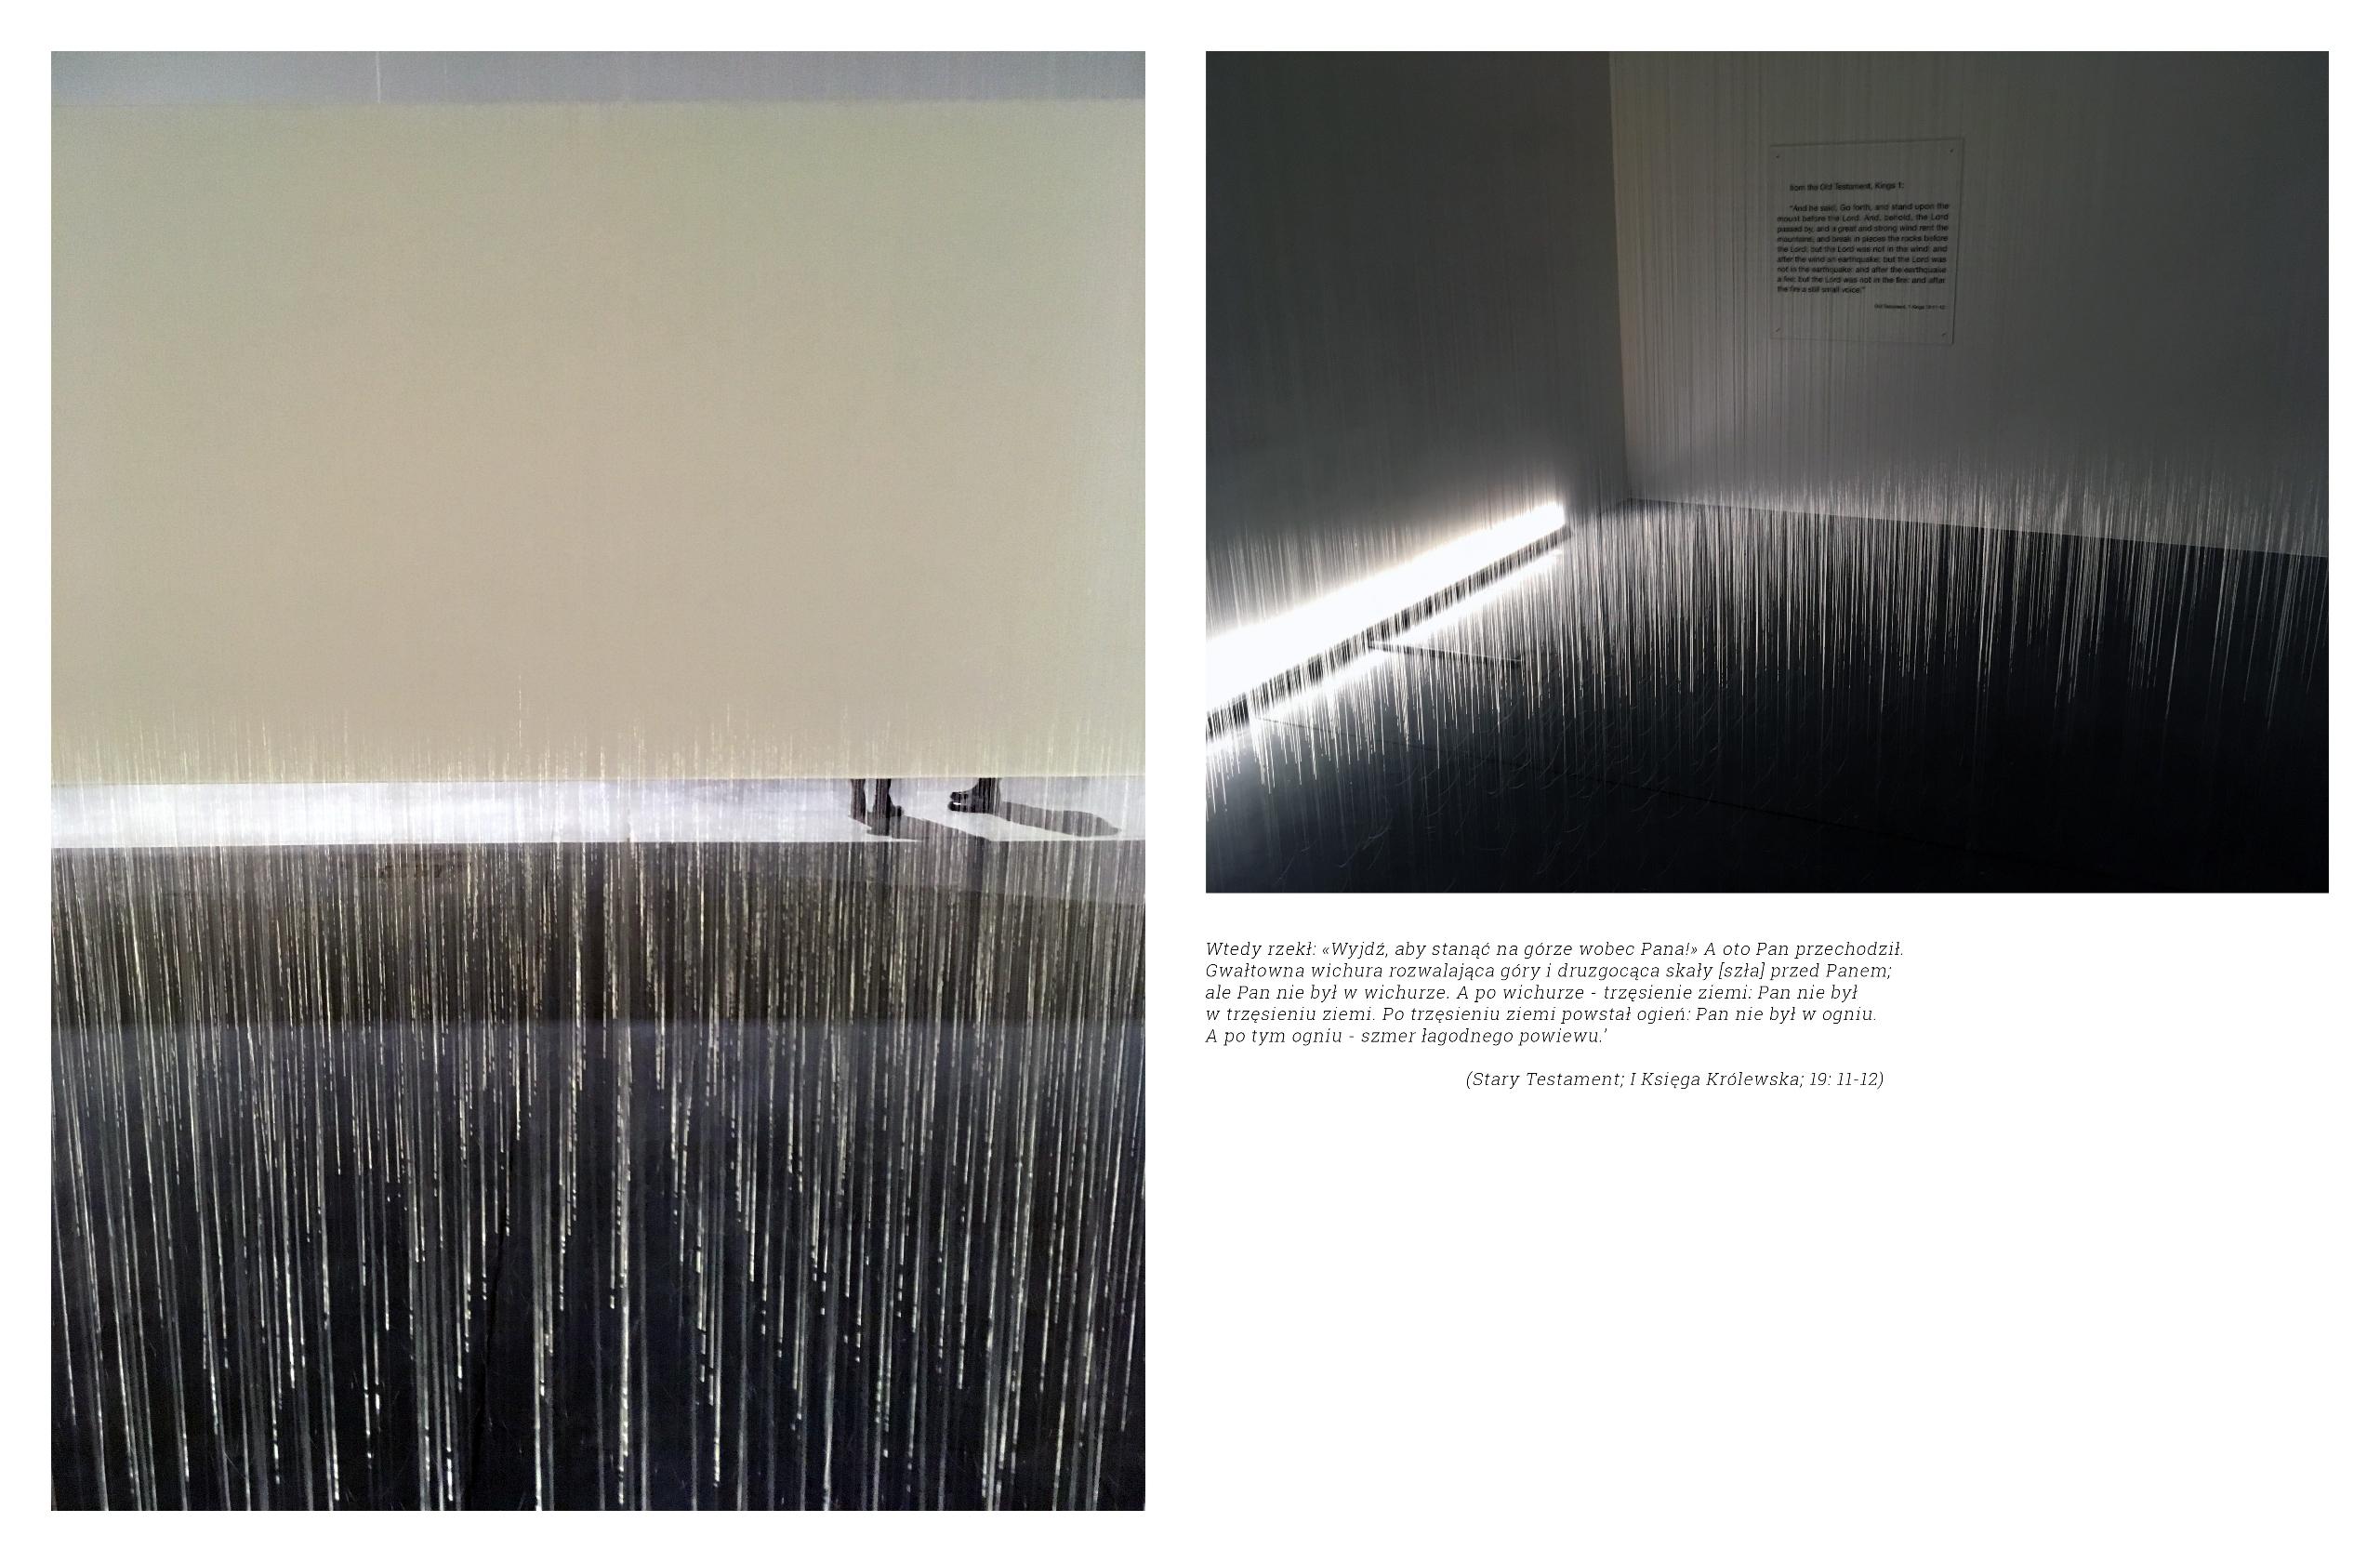 Obraz przedstawia dwa zdjęcia. Z lewej strony widzimy fotografię ukazującą fragment nóg osób stojących za białą ścianą, całość przykrywa biały szum. Z prawej strony widzimy oświetlone pomieszczenie z napisem na ścianie.